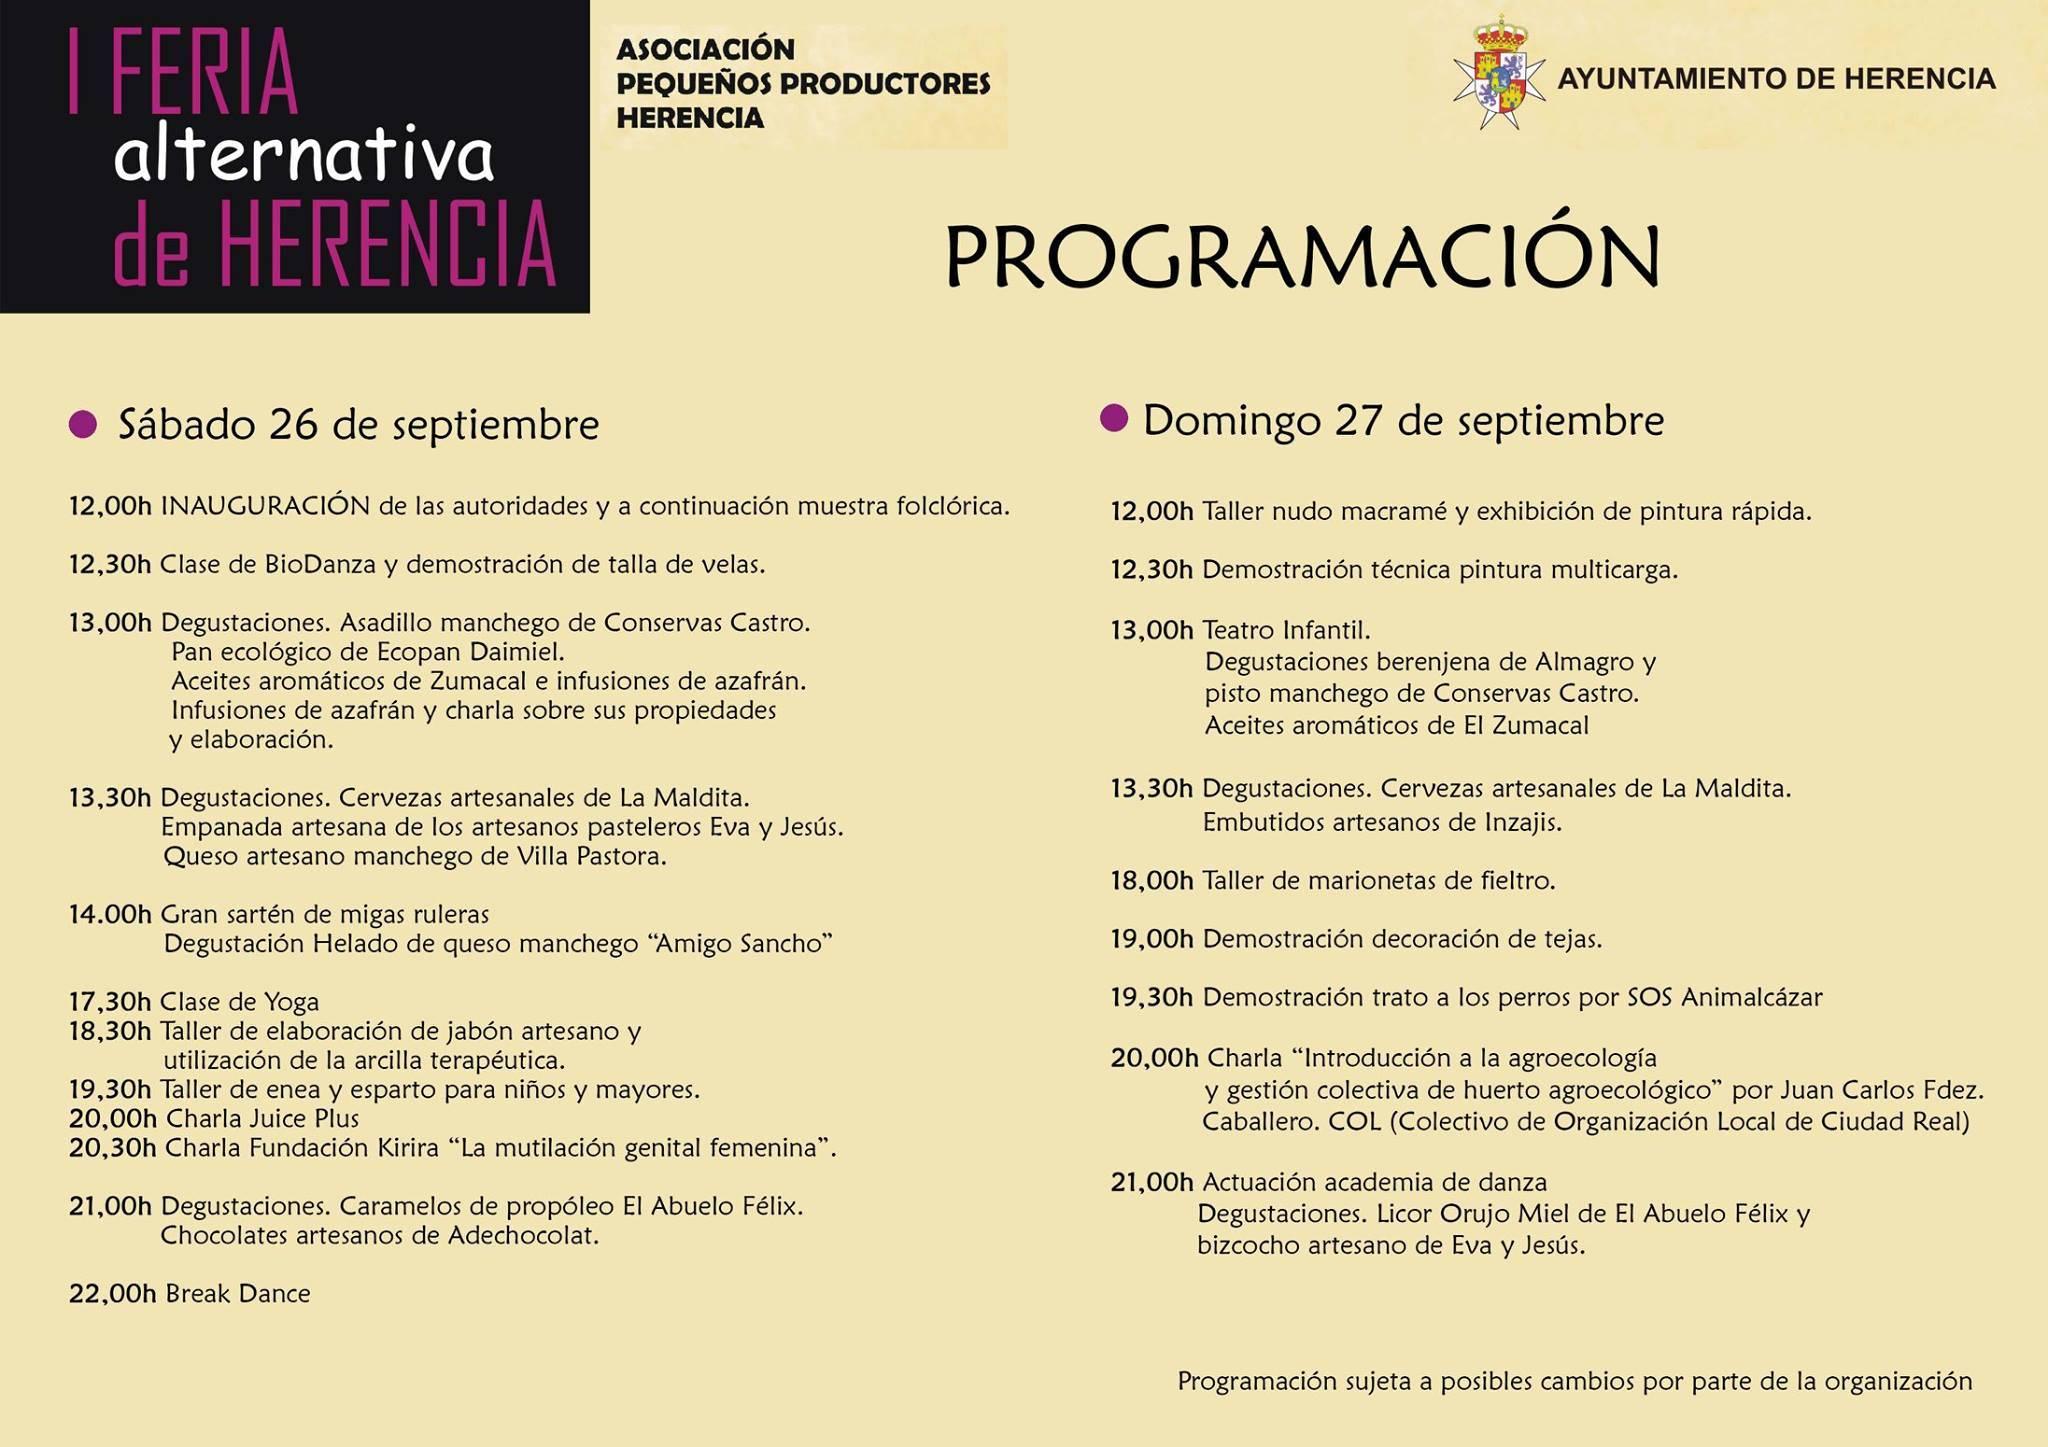 I Feria Alternativa de Herencia programacion - Primera feria alternativa de Herencia